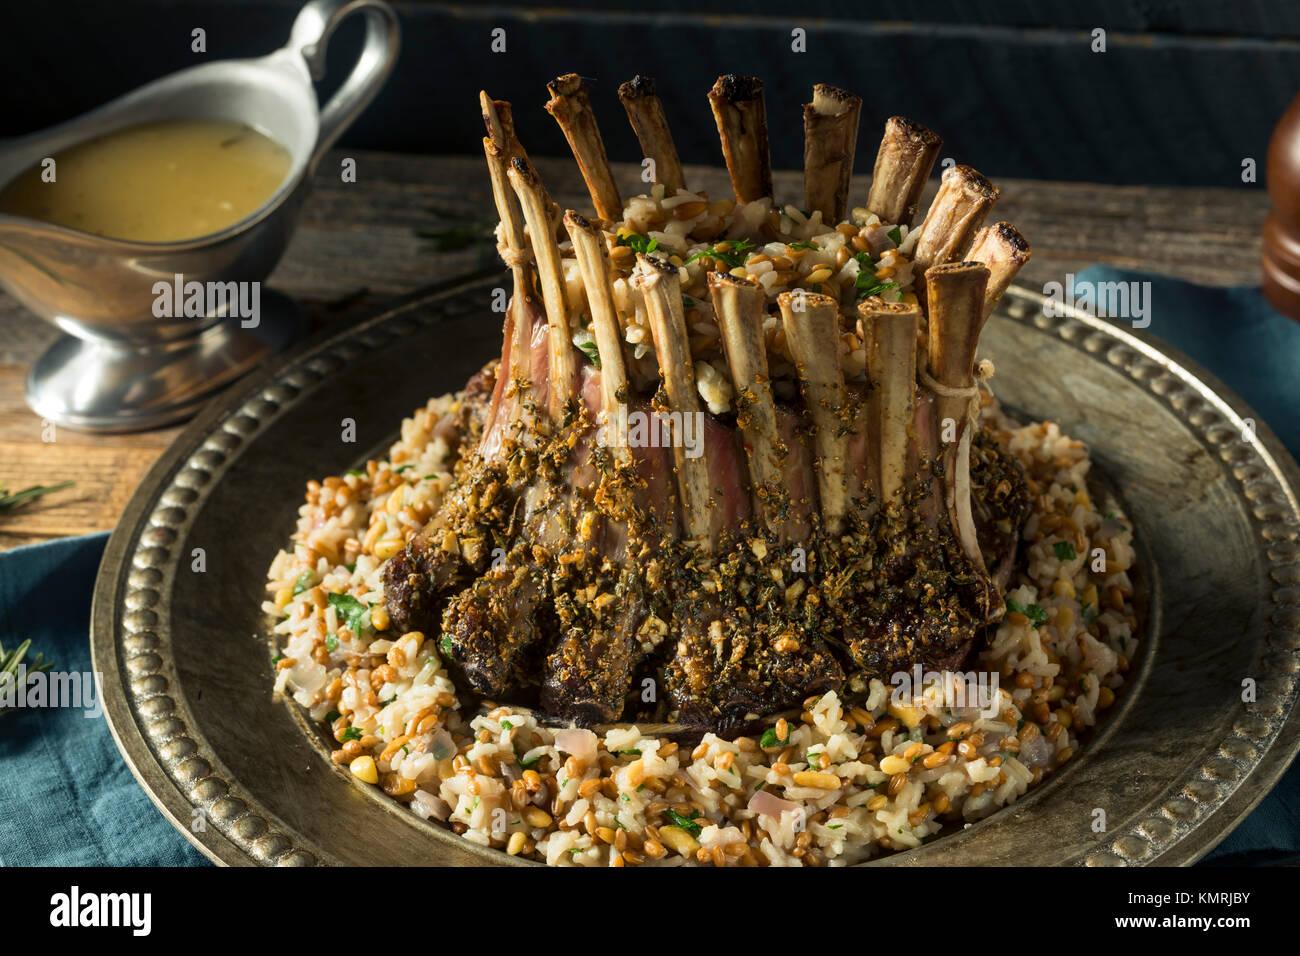 Gourmet caseros Corona de cordero con arroz pilaf Imagen De Stock